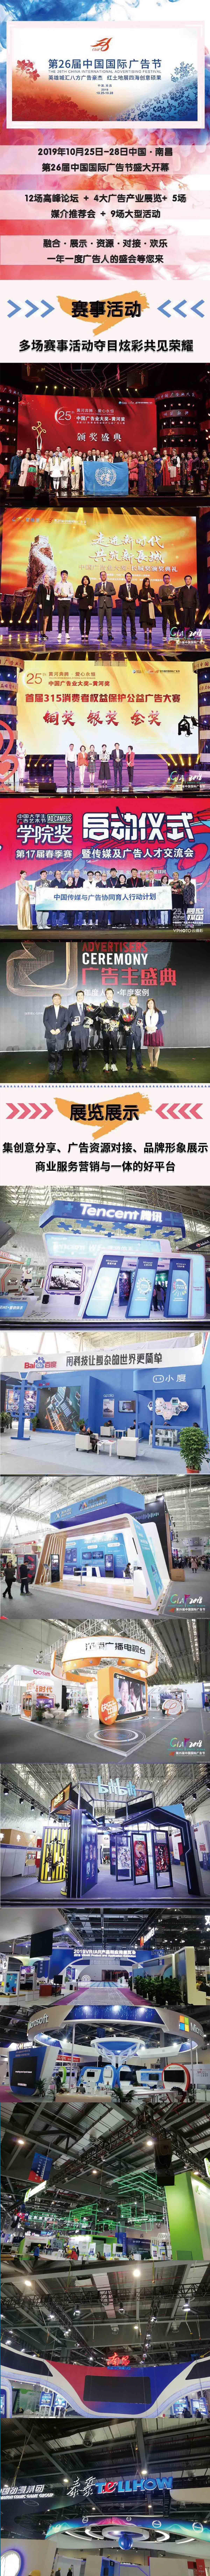 南昌-第26届中国国际广告节